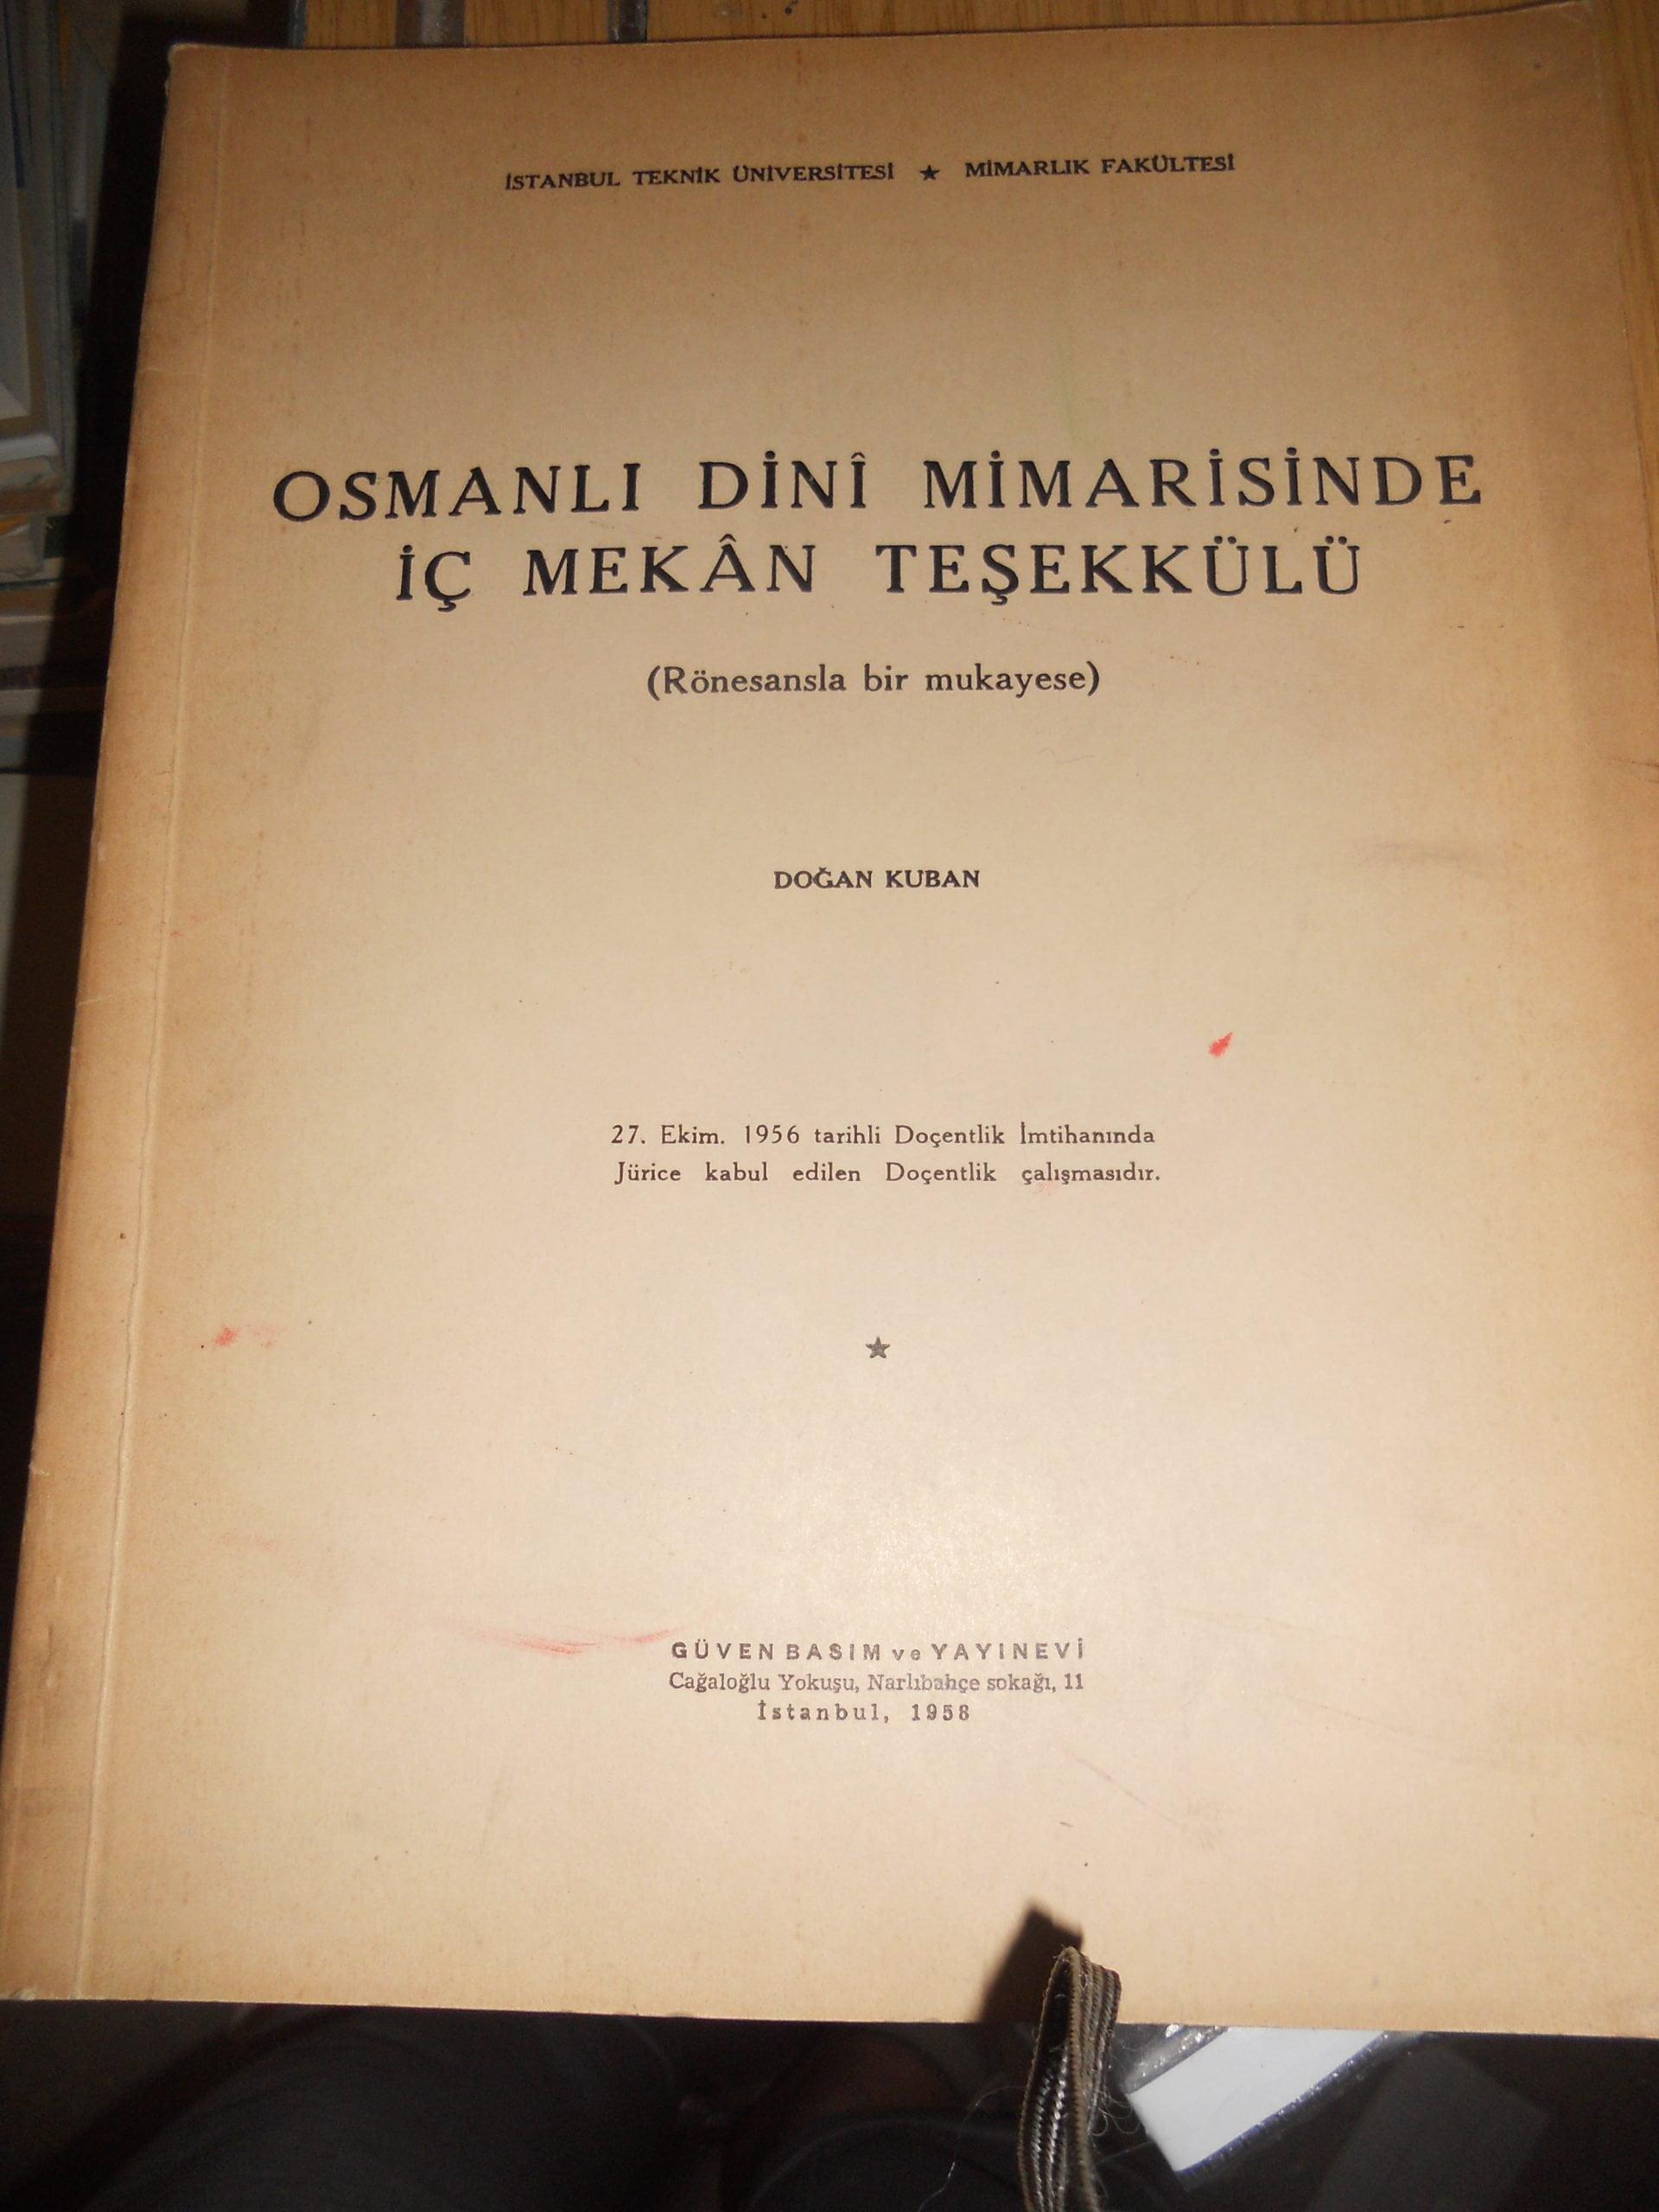 OSMANLI DİNİ MİMARİSİNDE İÇ MEKAN TEŞEKKÜLÜ(Rönesansla Mukayese)/Doğan KUBAN/125 TL